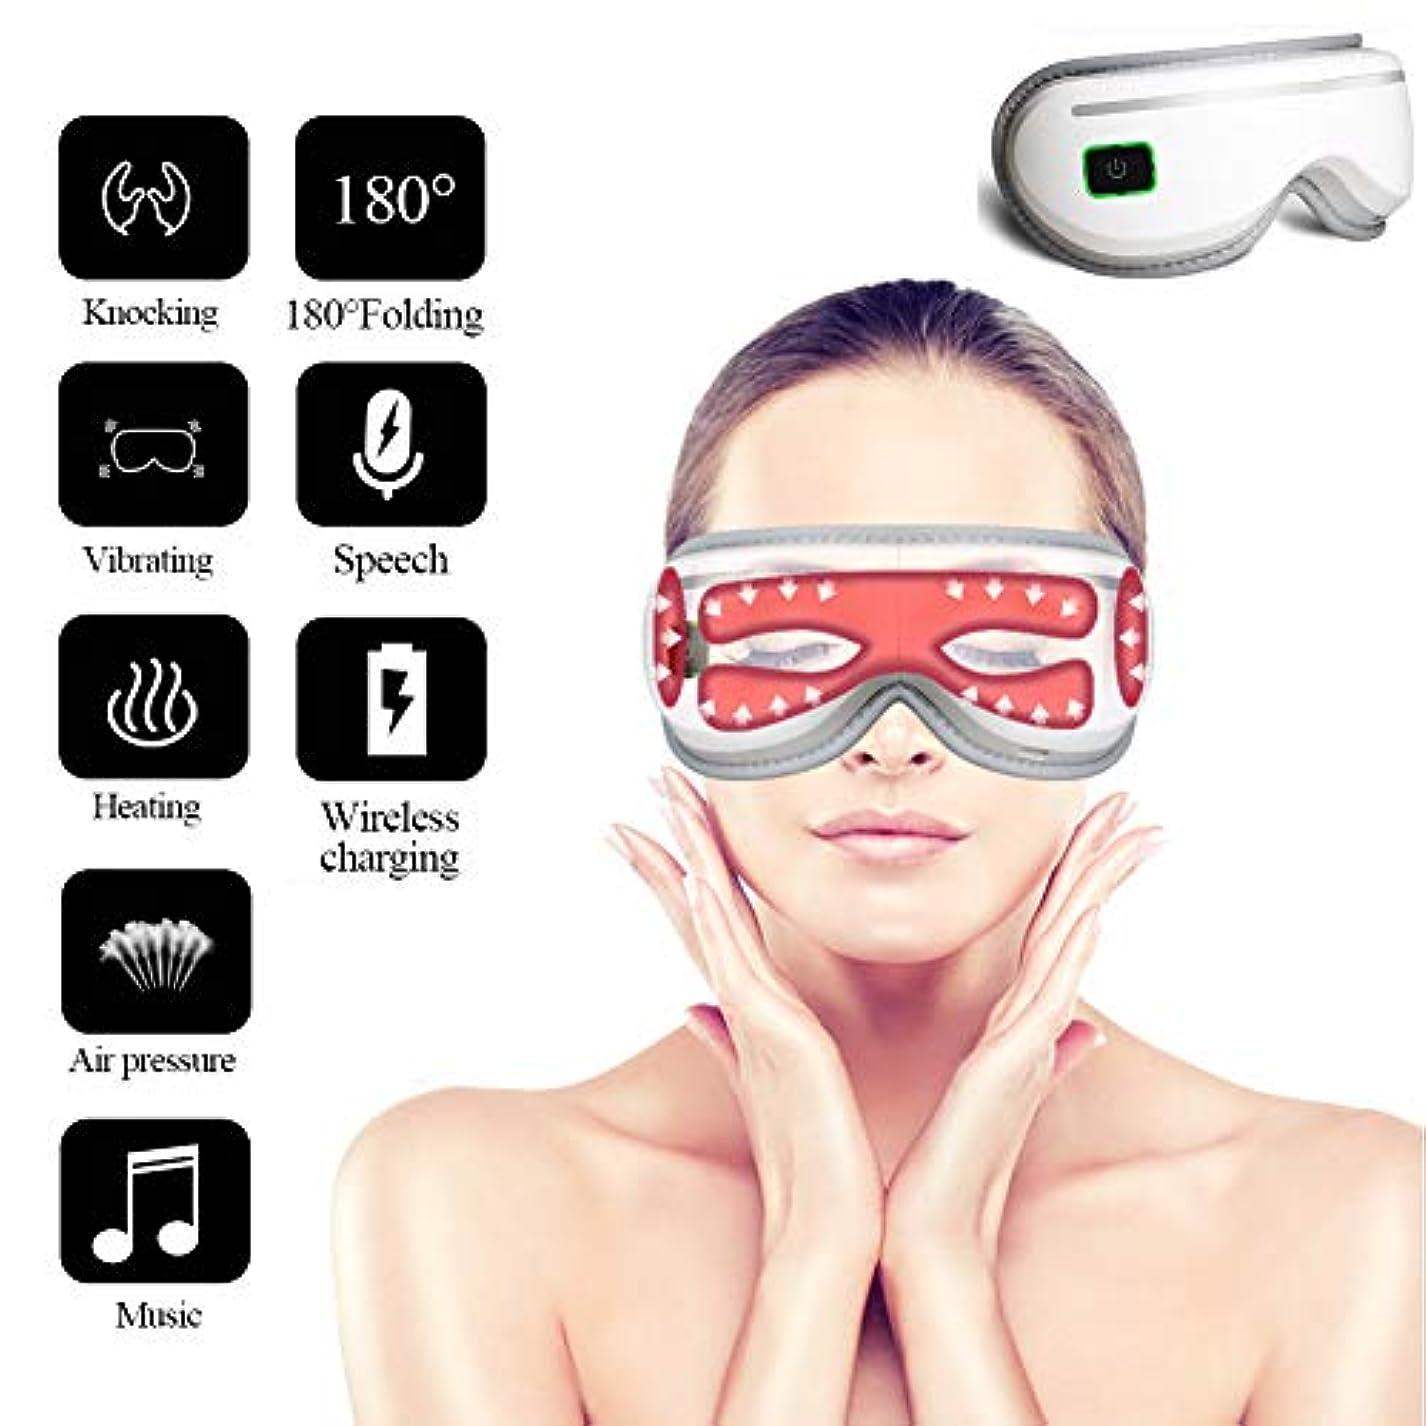 悪行アリーナ不純電動アイマッサージマスク音楽頭痛ストレスリリーフ折り畳み式マシンのための3つのモードでリラックス空気圧、熱圧縮、振動マッサージ、ウォシュレットギフト